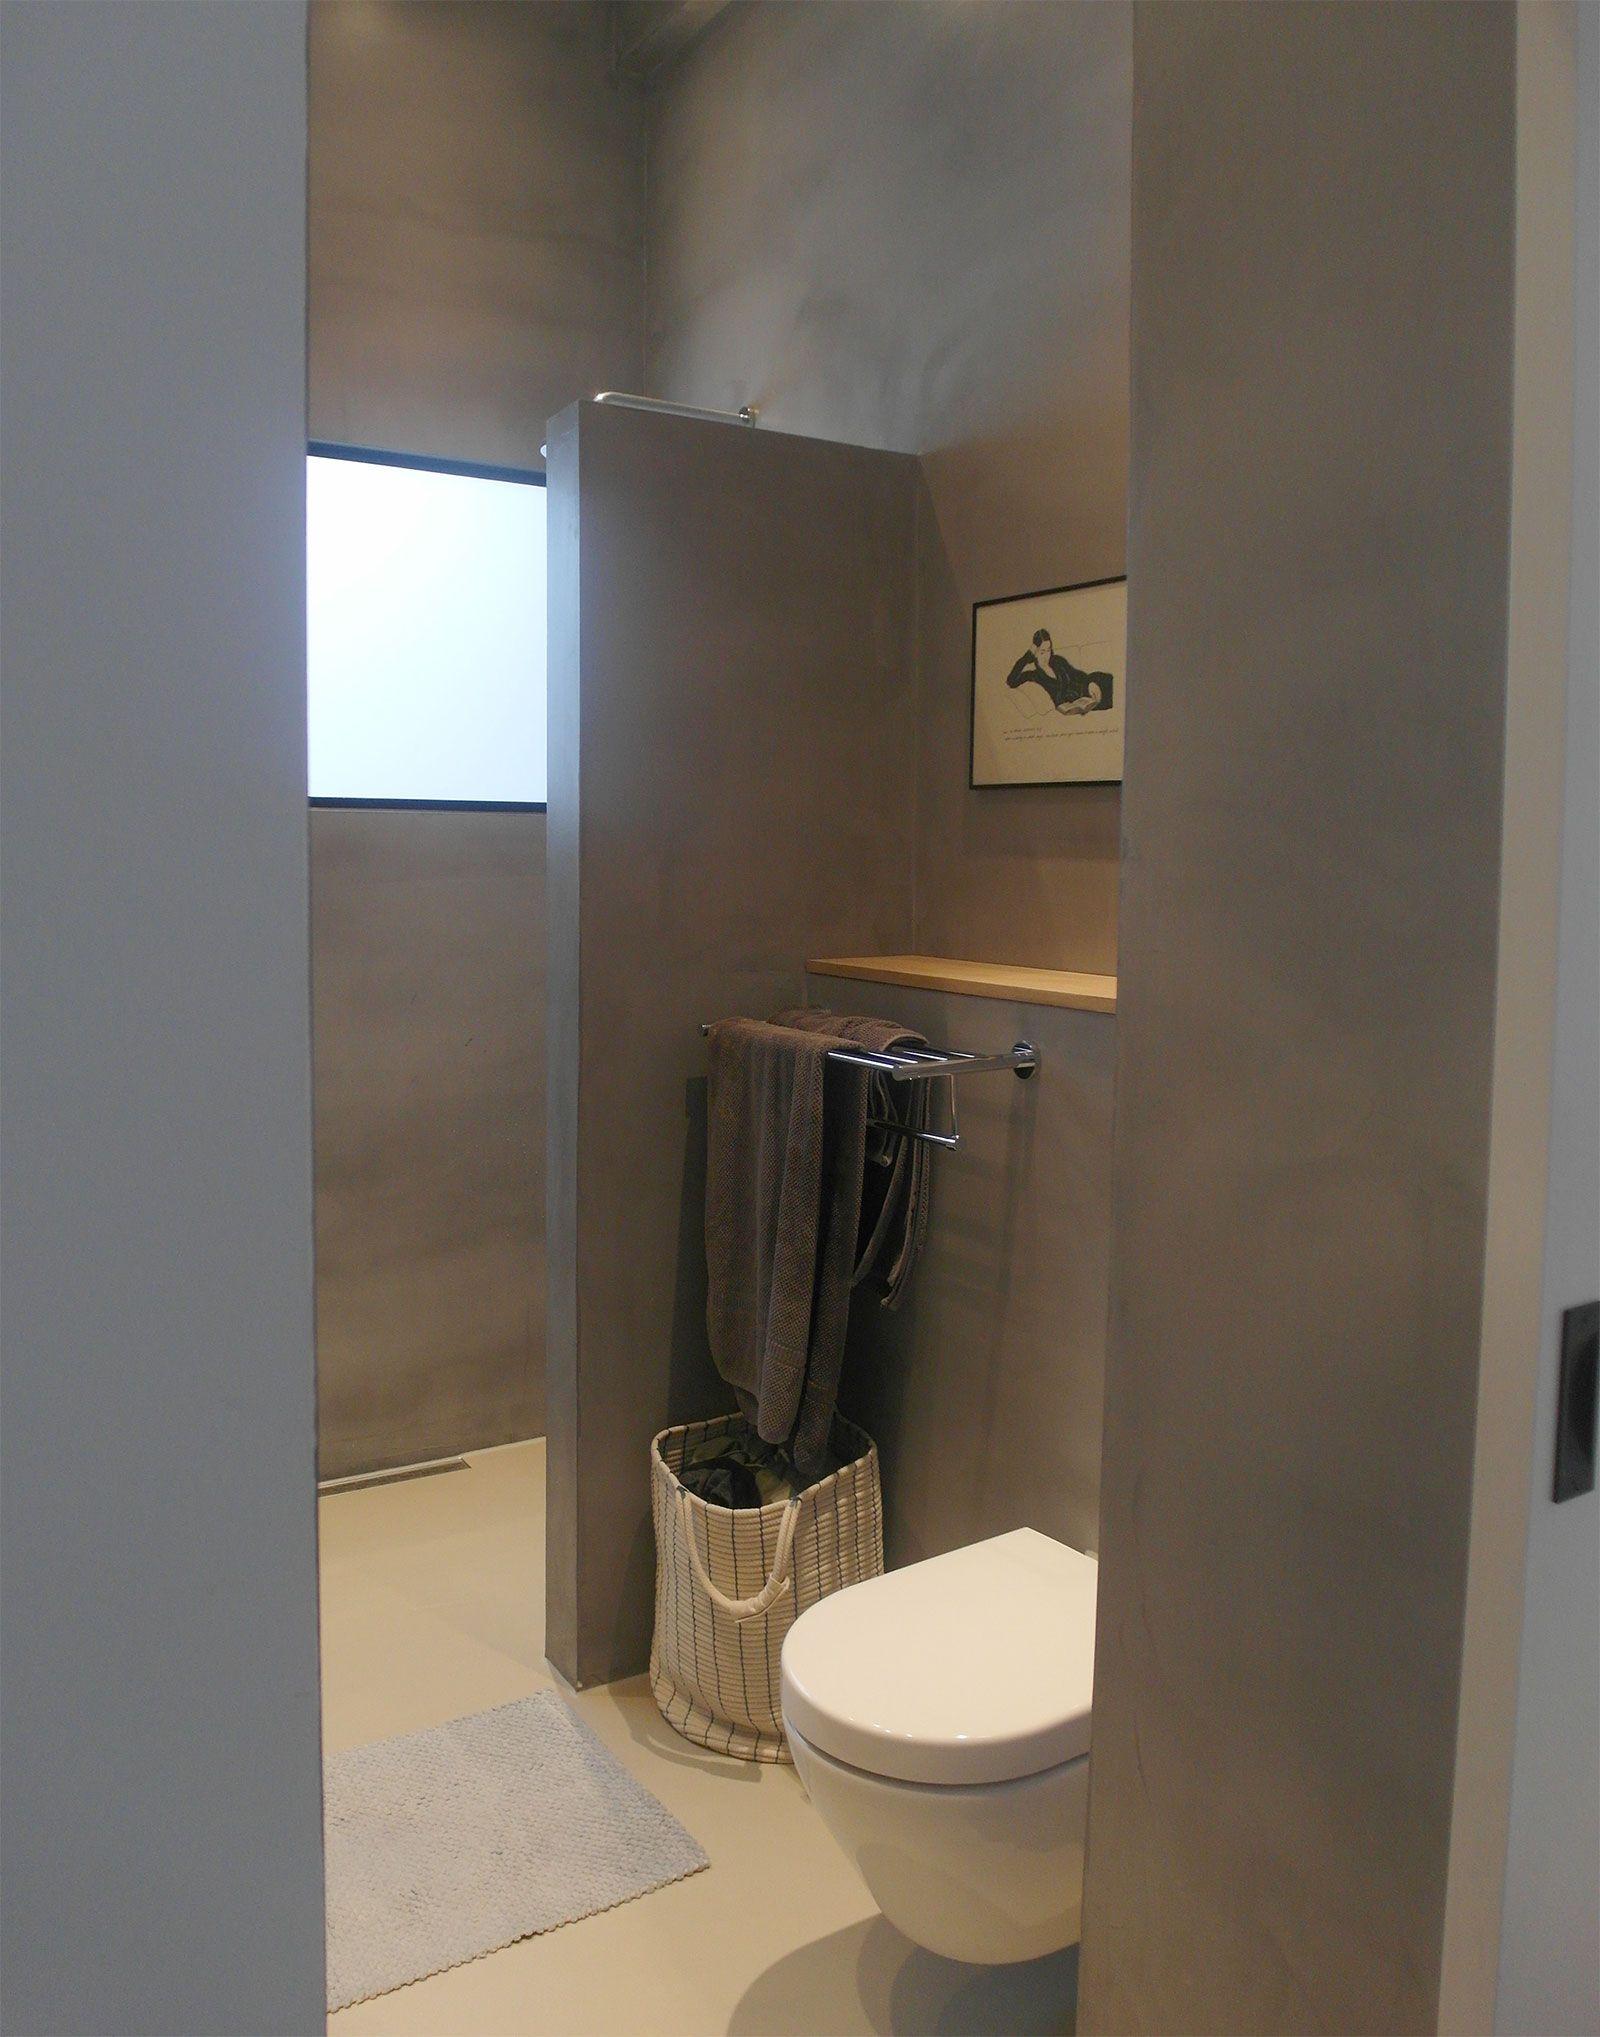 Microcement badkamer Amsterdam Deze strakke badkamer in Amsterdam laat zien hoe mooi een lichte gietvloer en microcement tegen de wanden samen gaan